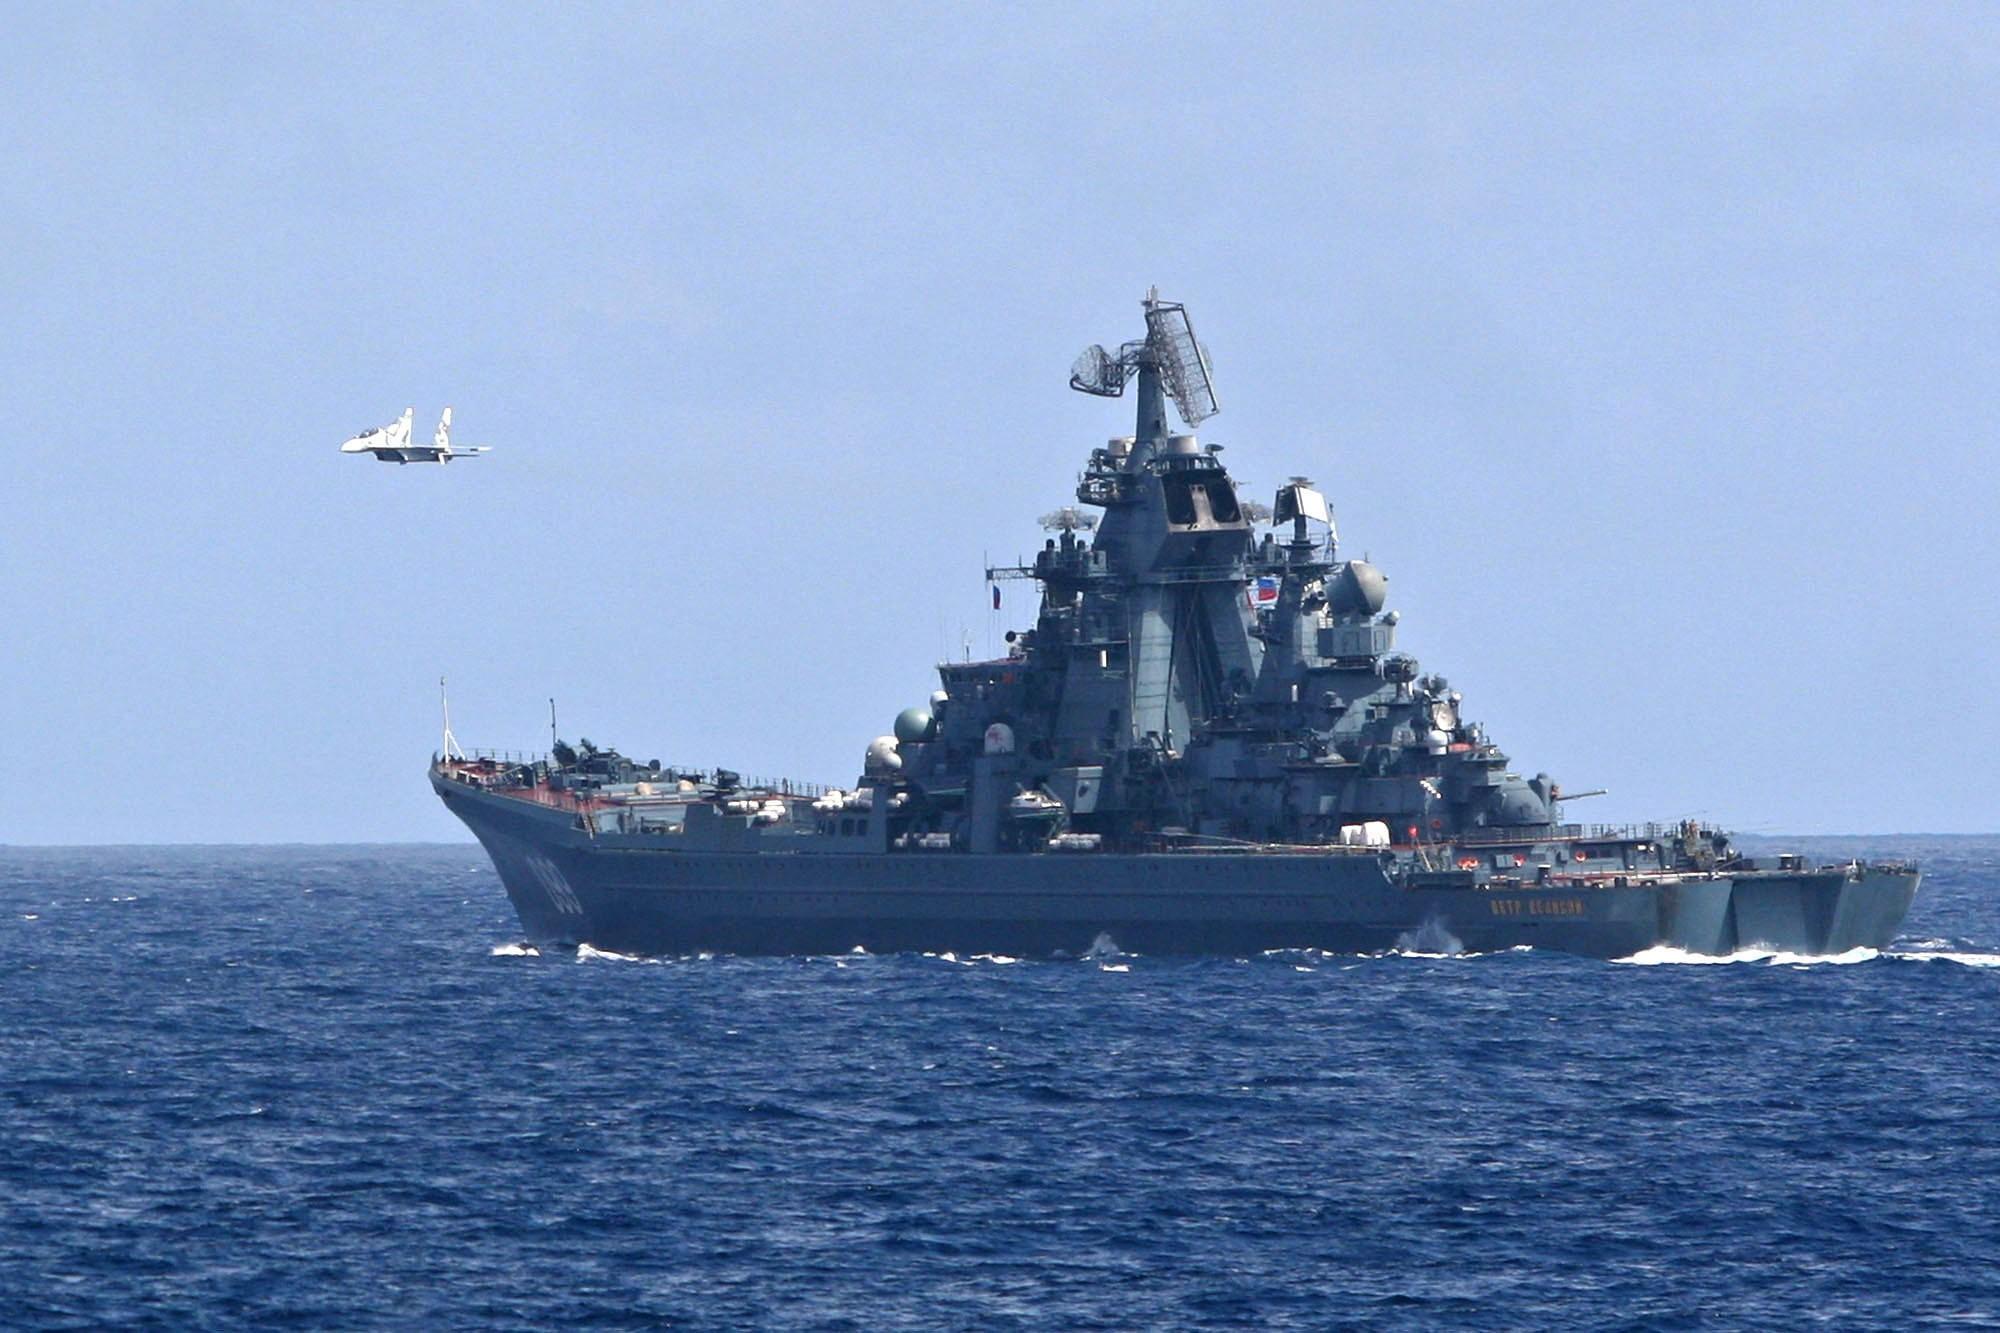 """Un avión caza Sukhoi-30 venezolano sobrevuela el destructor ruso """"Pedro el Grande"""", en las maniobras navales conjuntas entre la Armada Nacional Bolivariana y buques de la flota norte de la Armada de la Federación Rusa."""